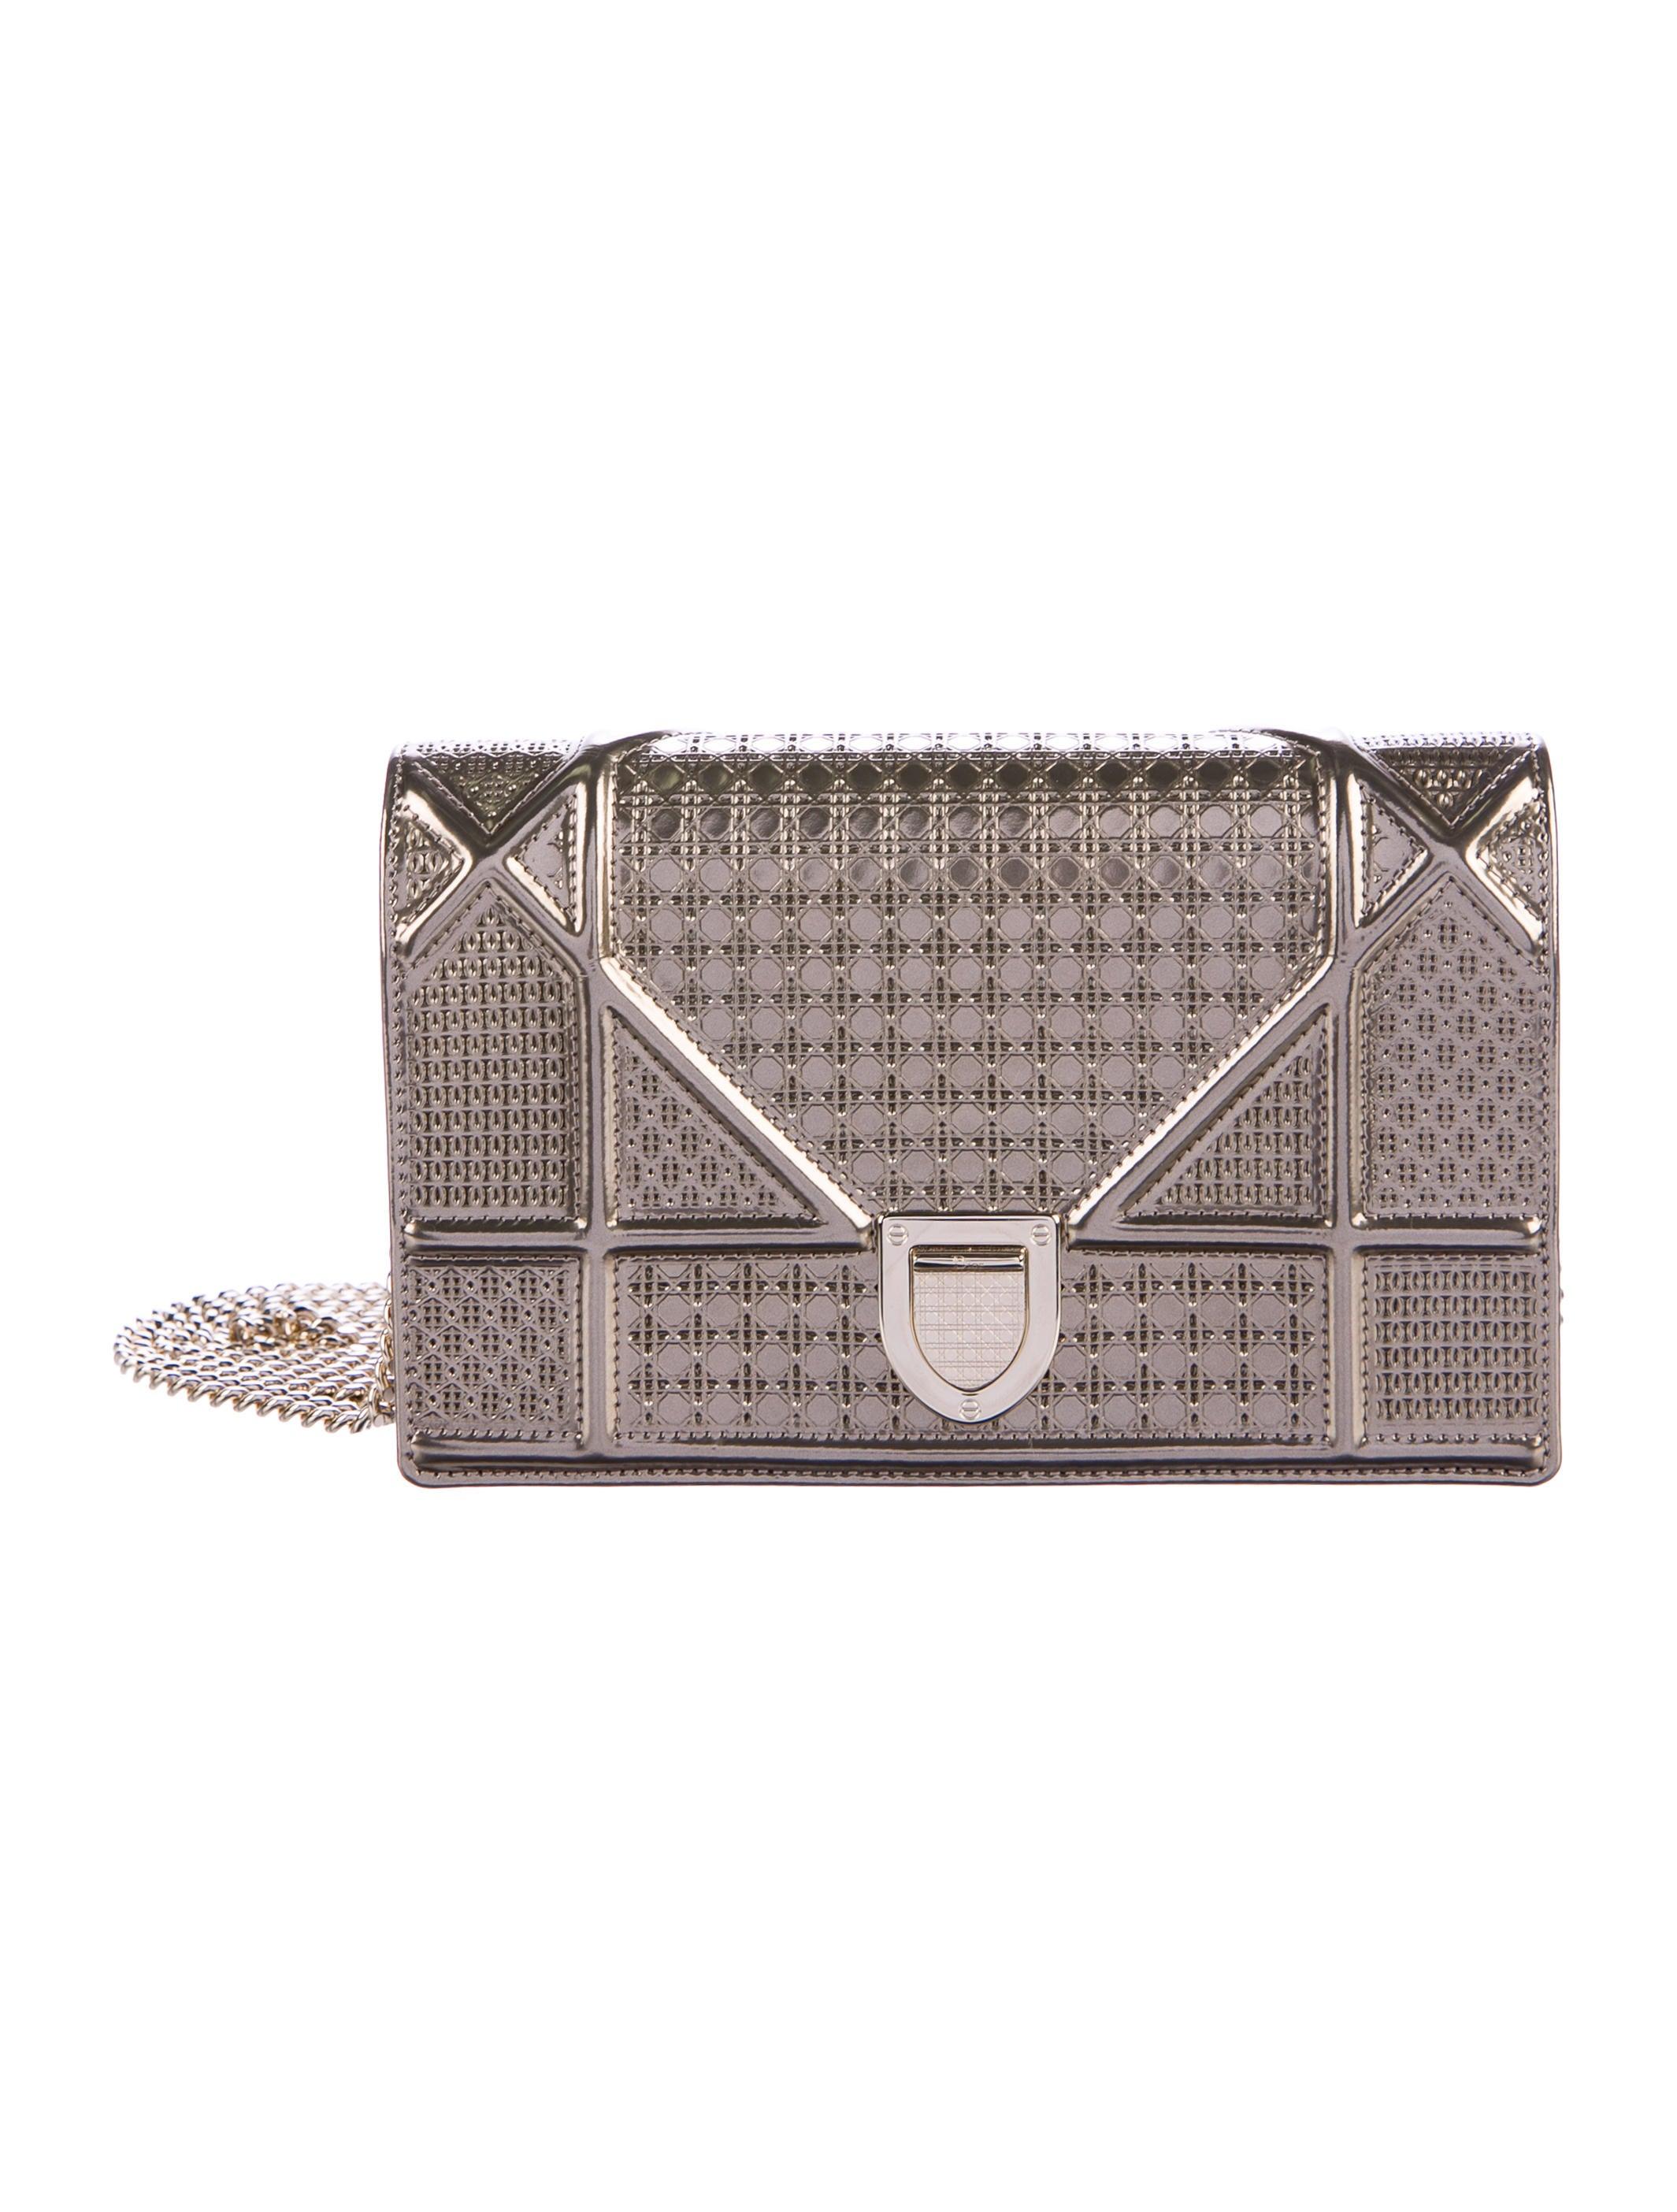 a2022ac0f6e1 Christian Dior Metallic Diorama Wallet On Chain - Handbags ...